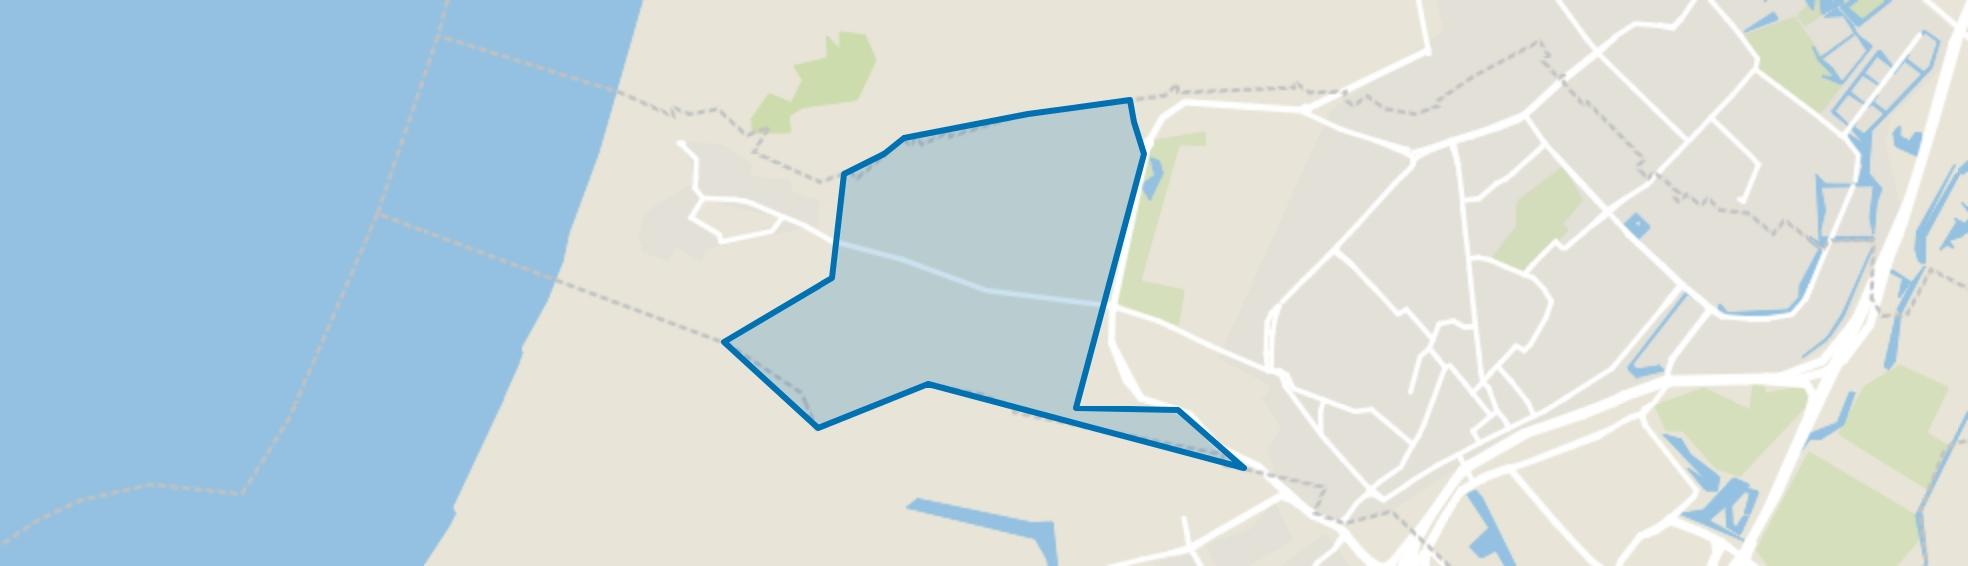 Industriegebied Hoogovens, Wijk aan Zee map